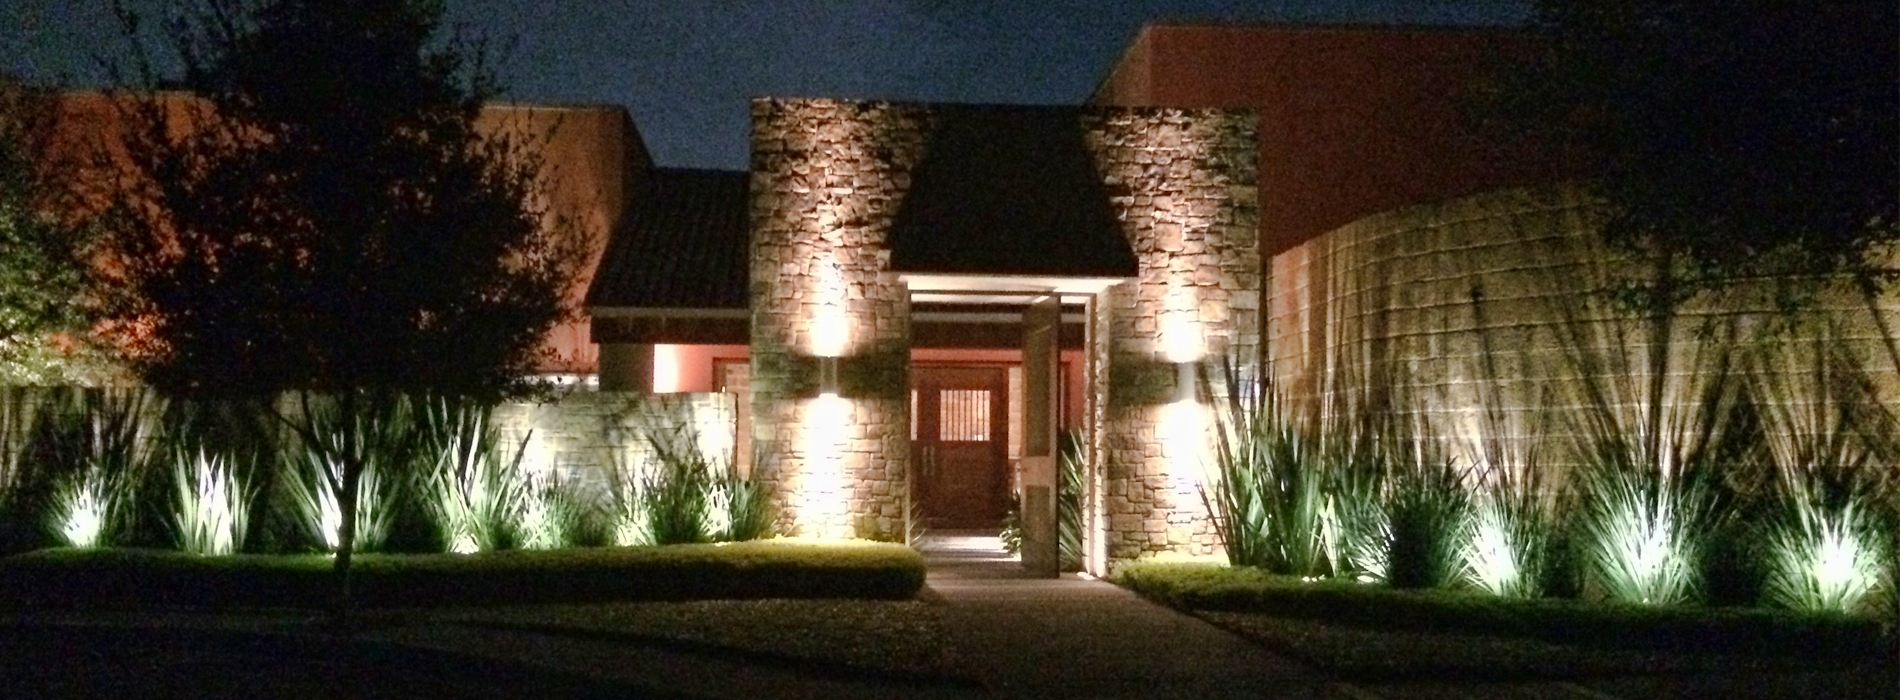 Lumipro focos para jardin iluminaci n de exterior for Luces de jardin exterior